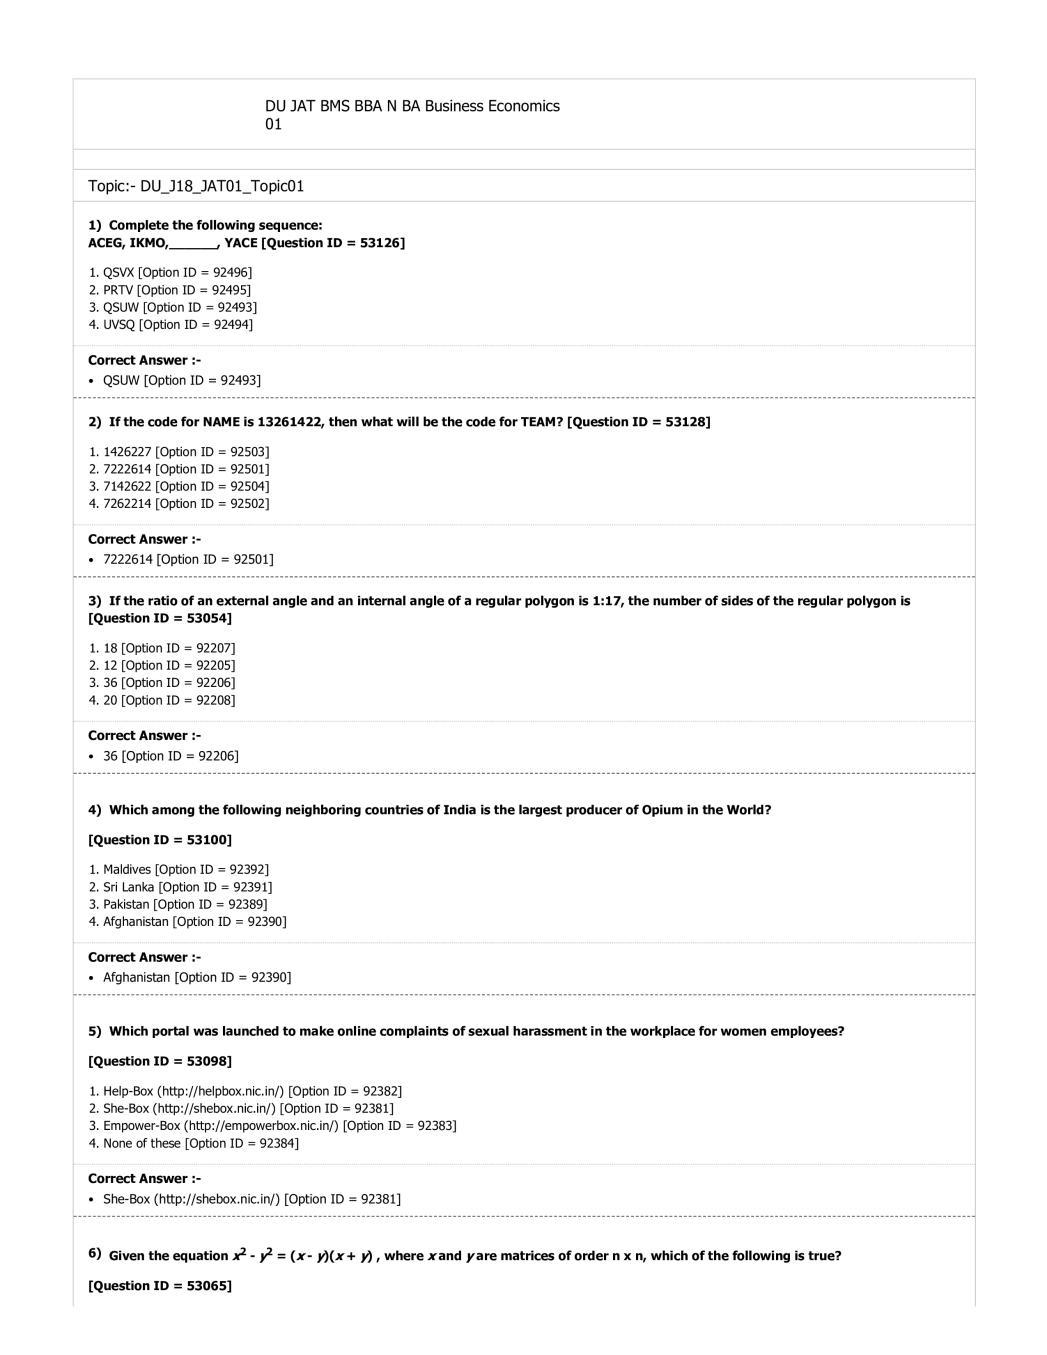 DUET 2018 Question Paper for DU JAT BMS BBA N BA Business Economics 01 - Page 1